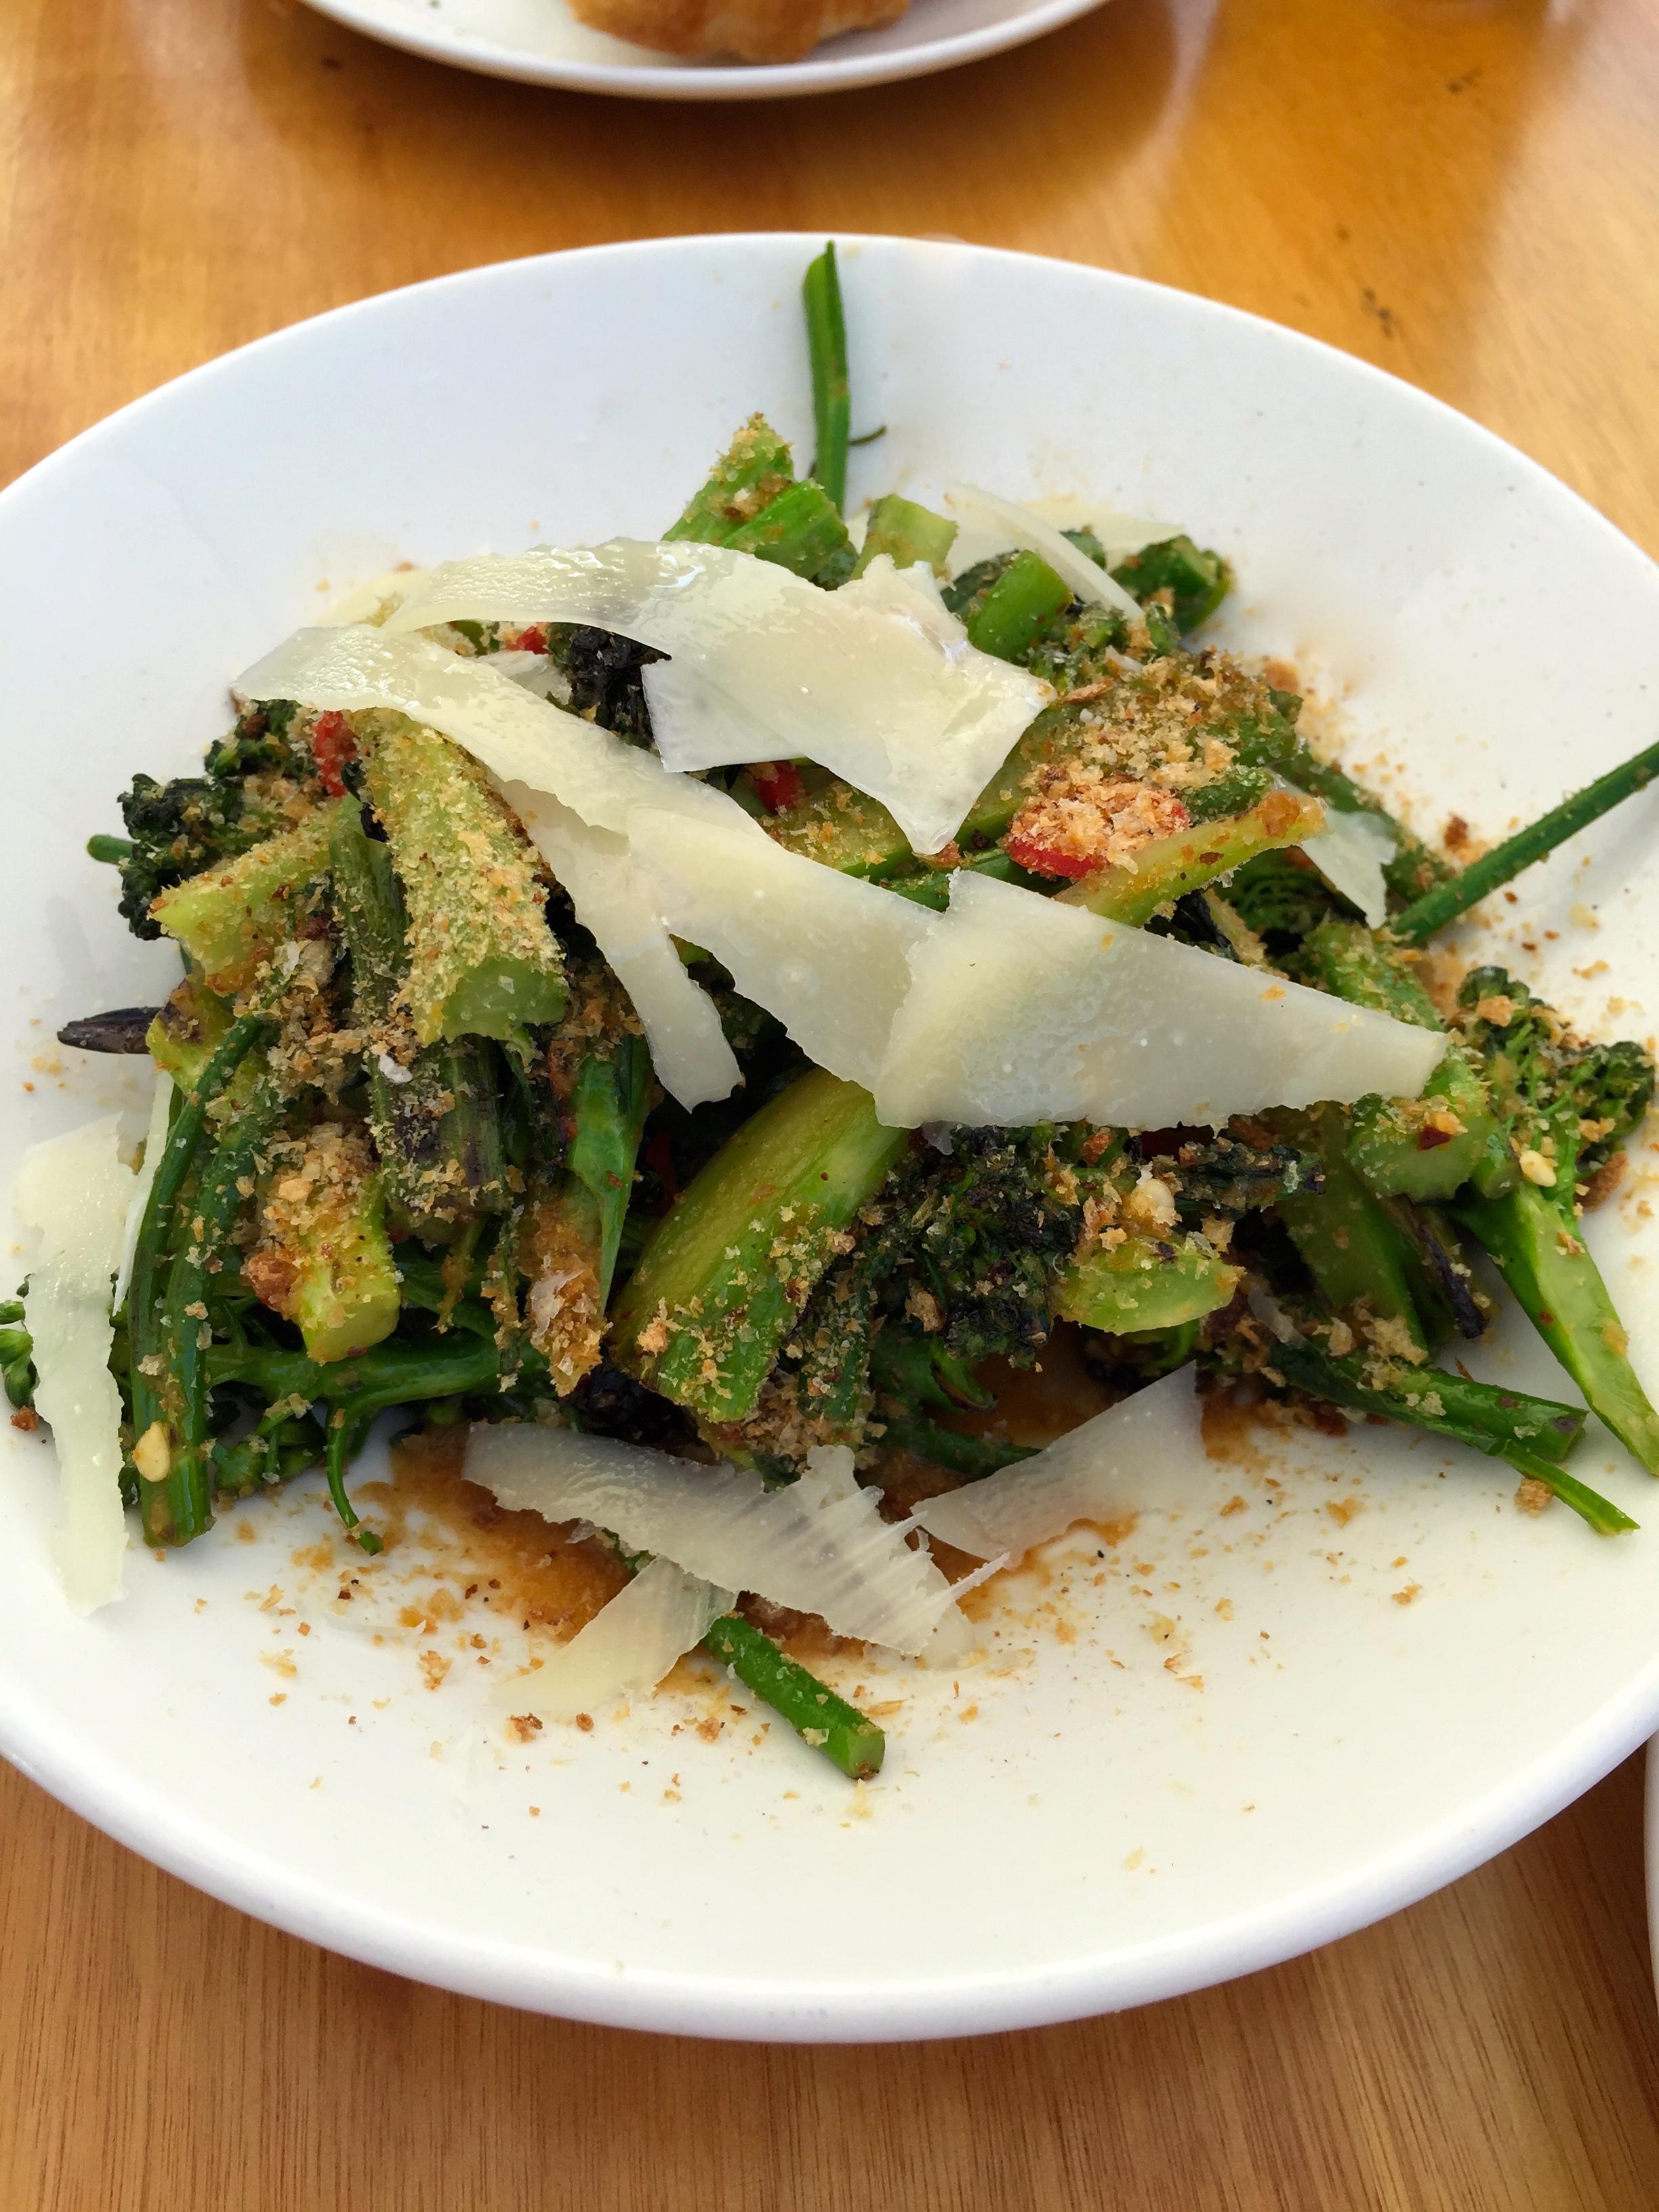 Sprouting broccoli, garlic, pickled chillis, pecorino romano, and breadcrumbs.